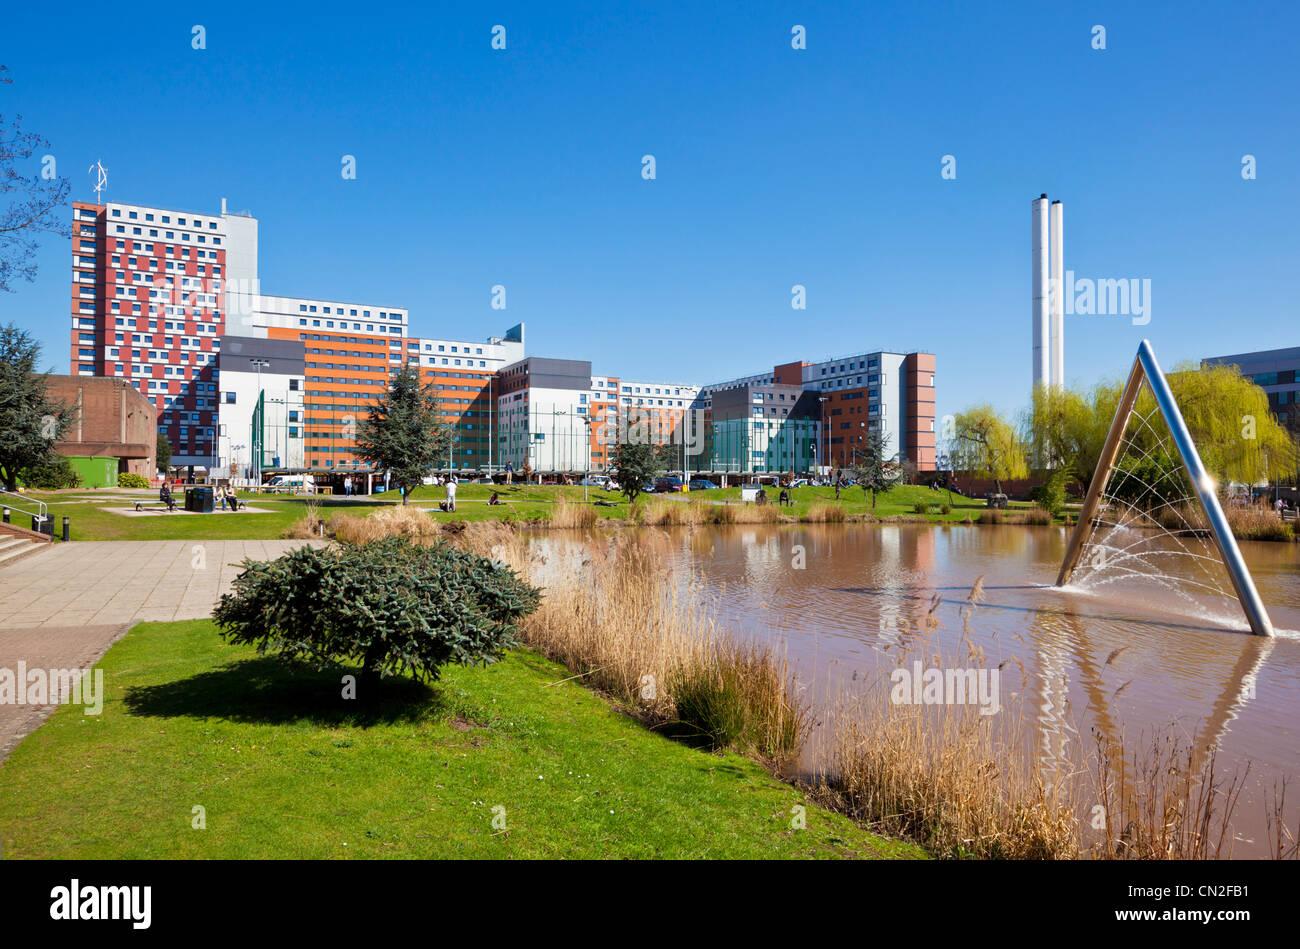 Aston university campus and lake Birmingham West Midlands England UK GB EU Europe - Stock Image